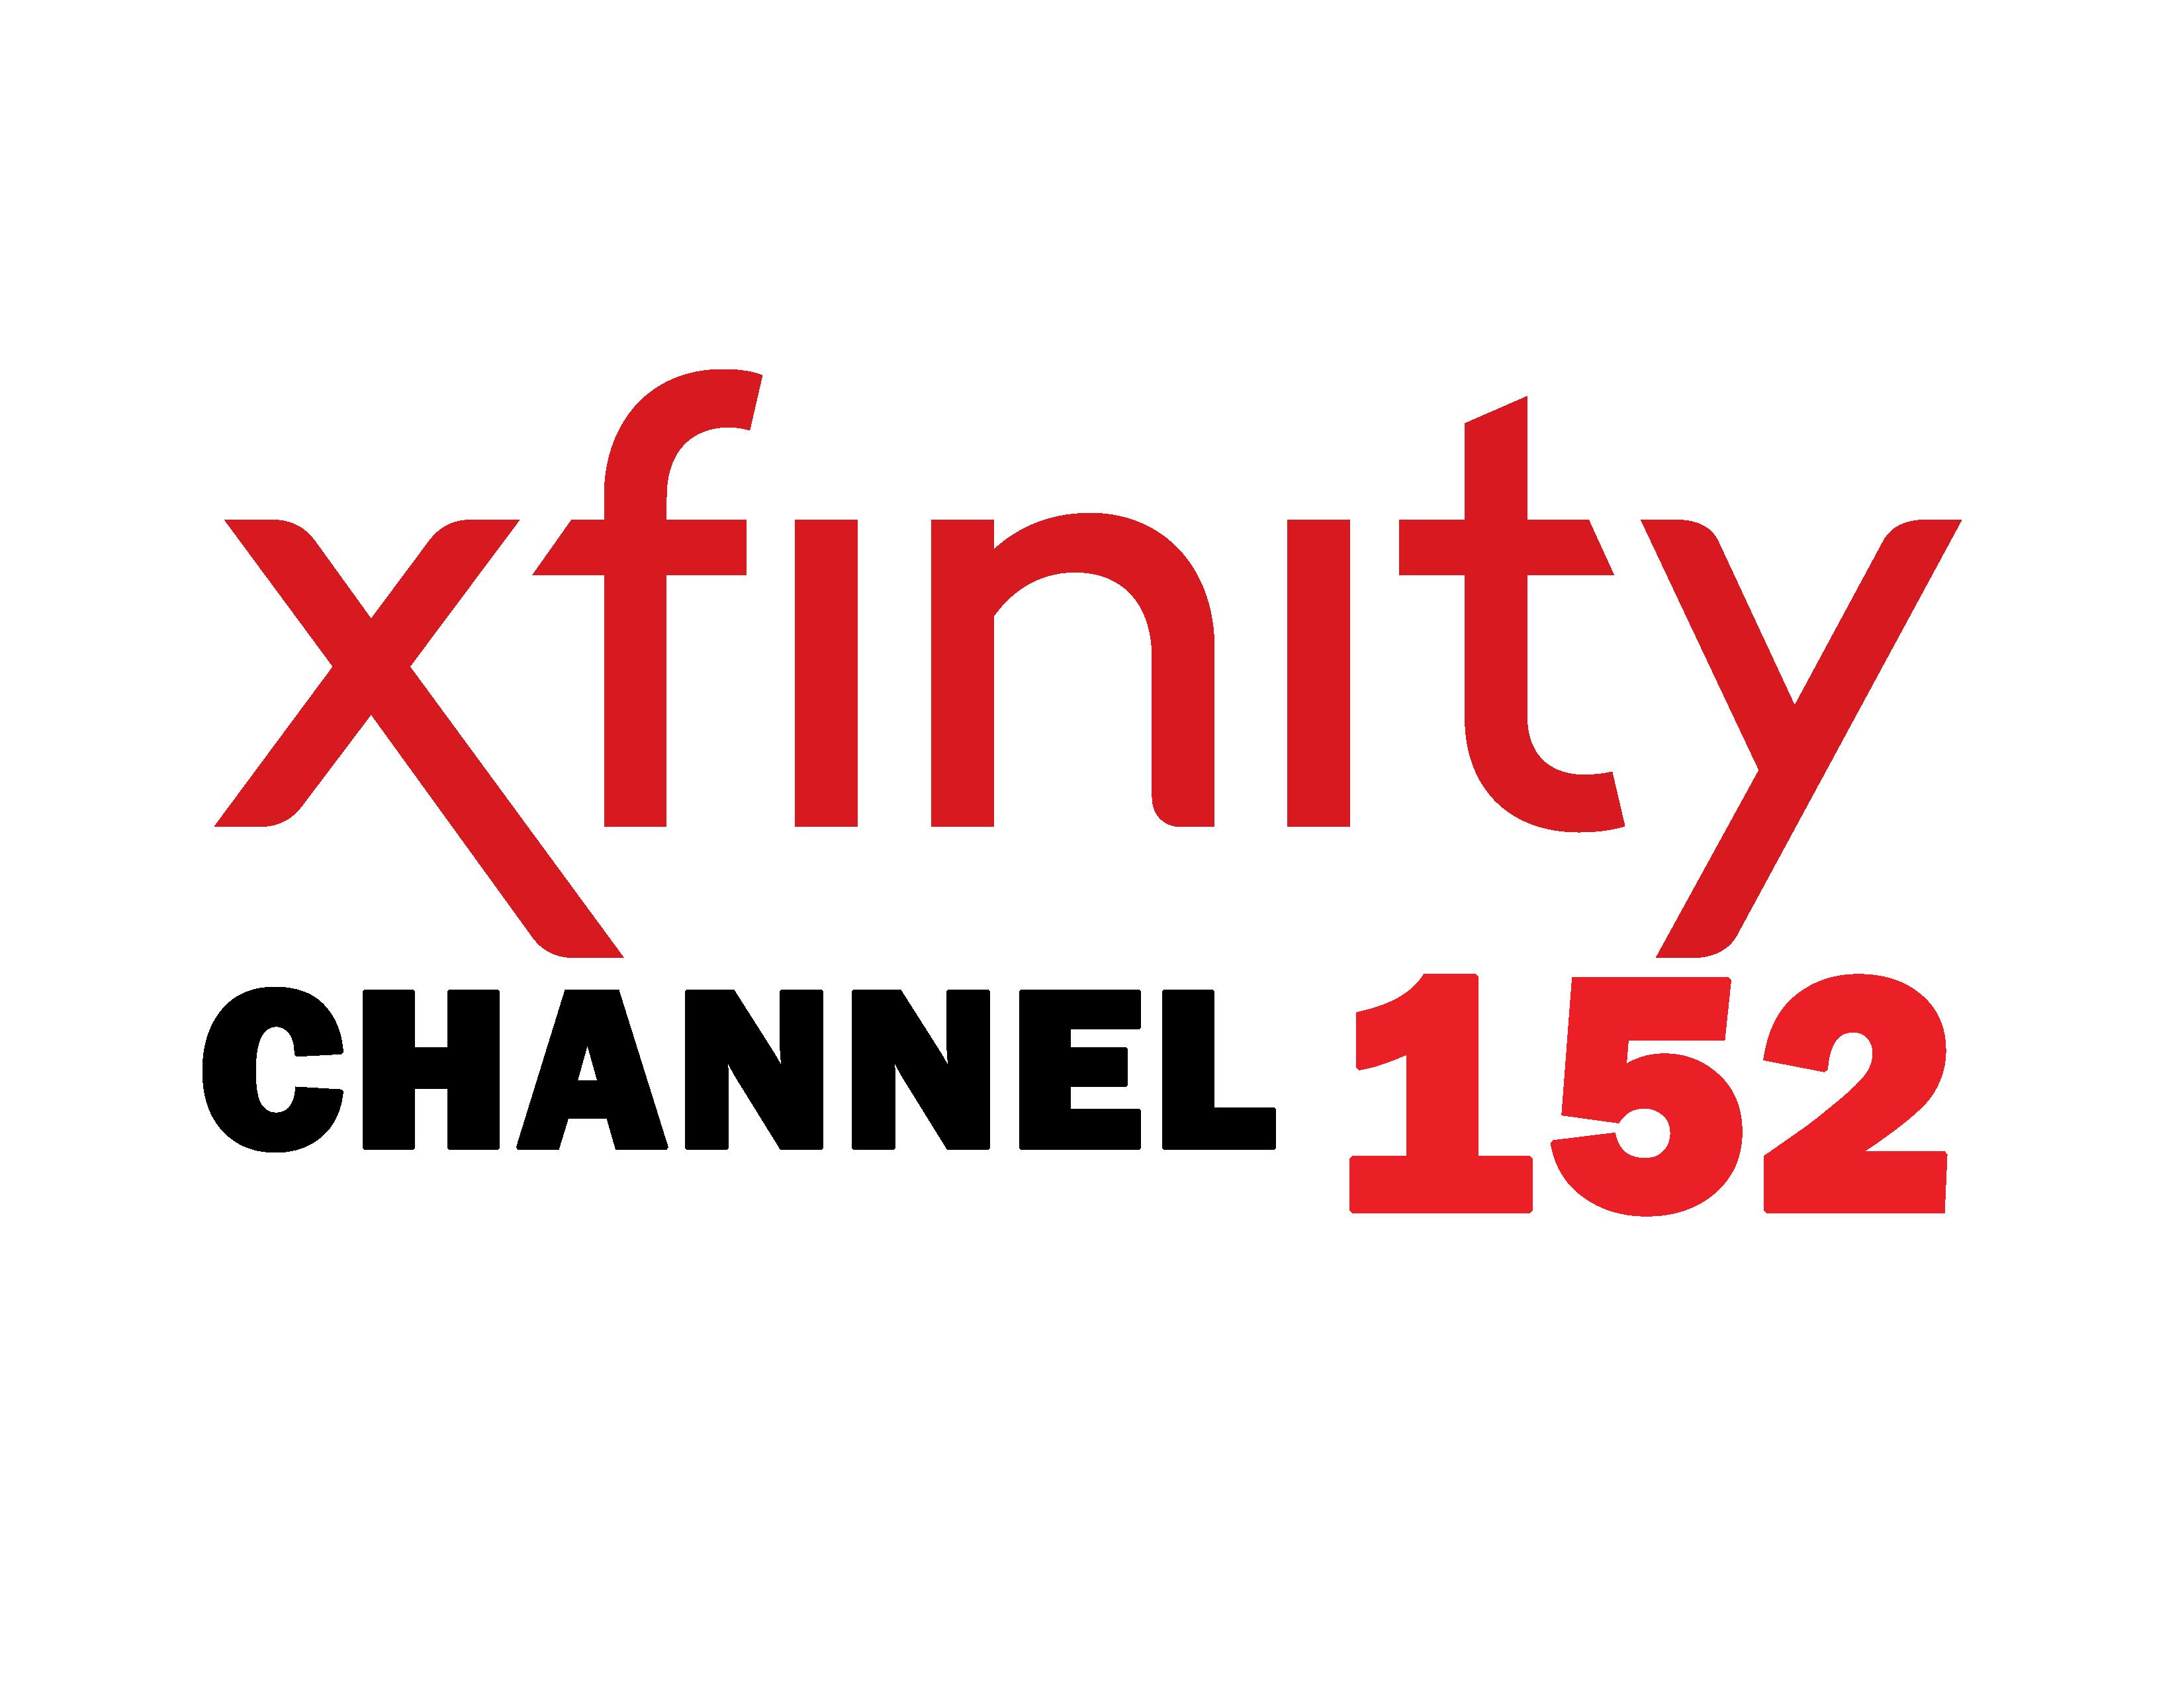 Xfinity Ch. 152